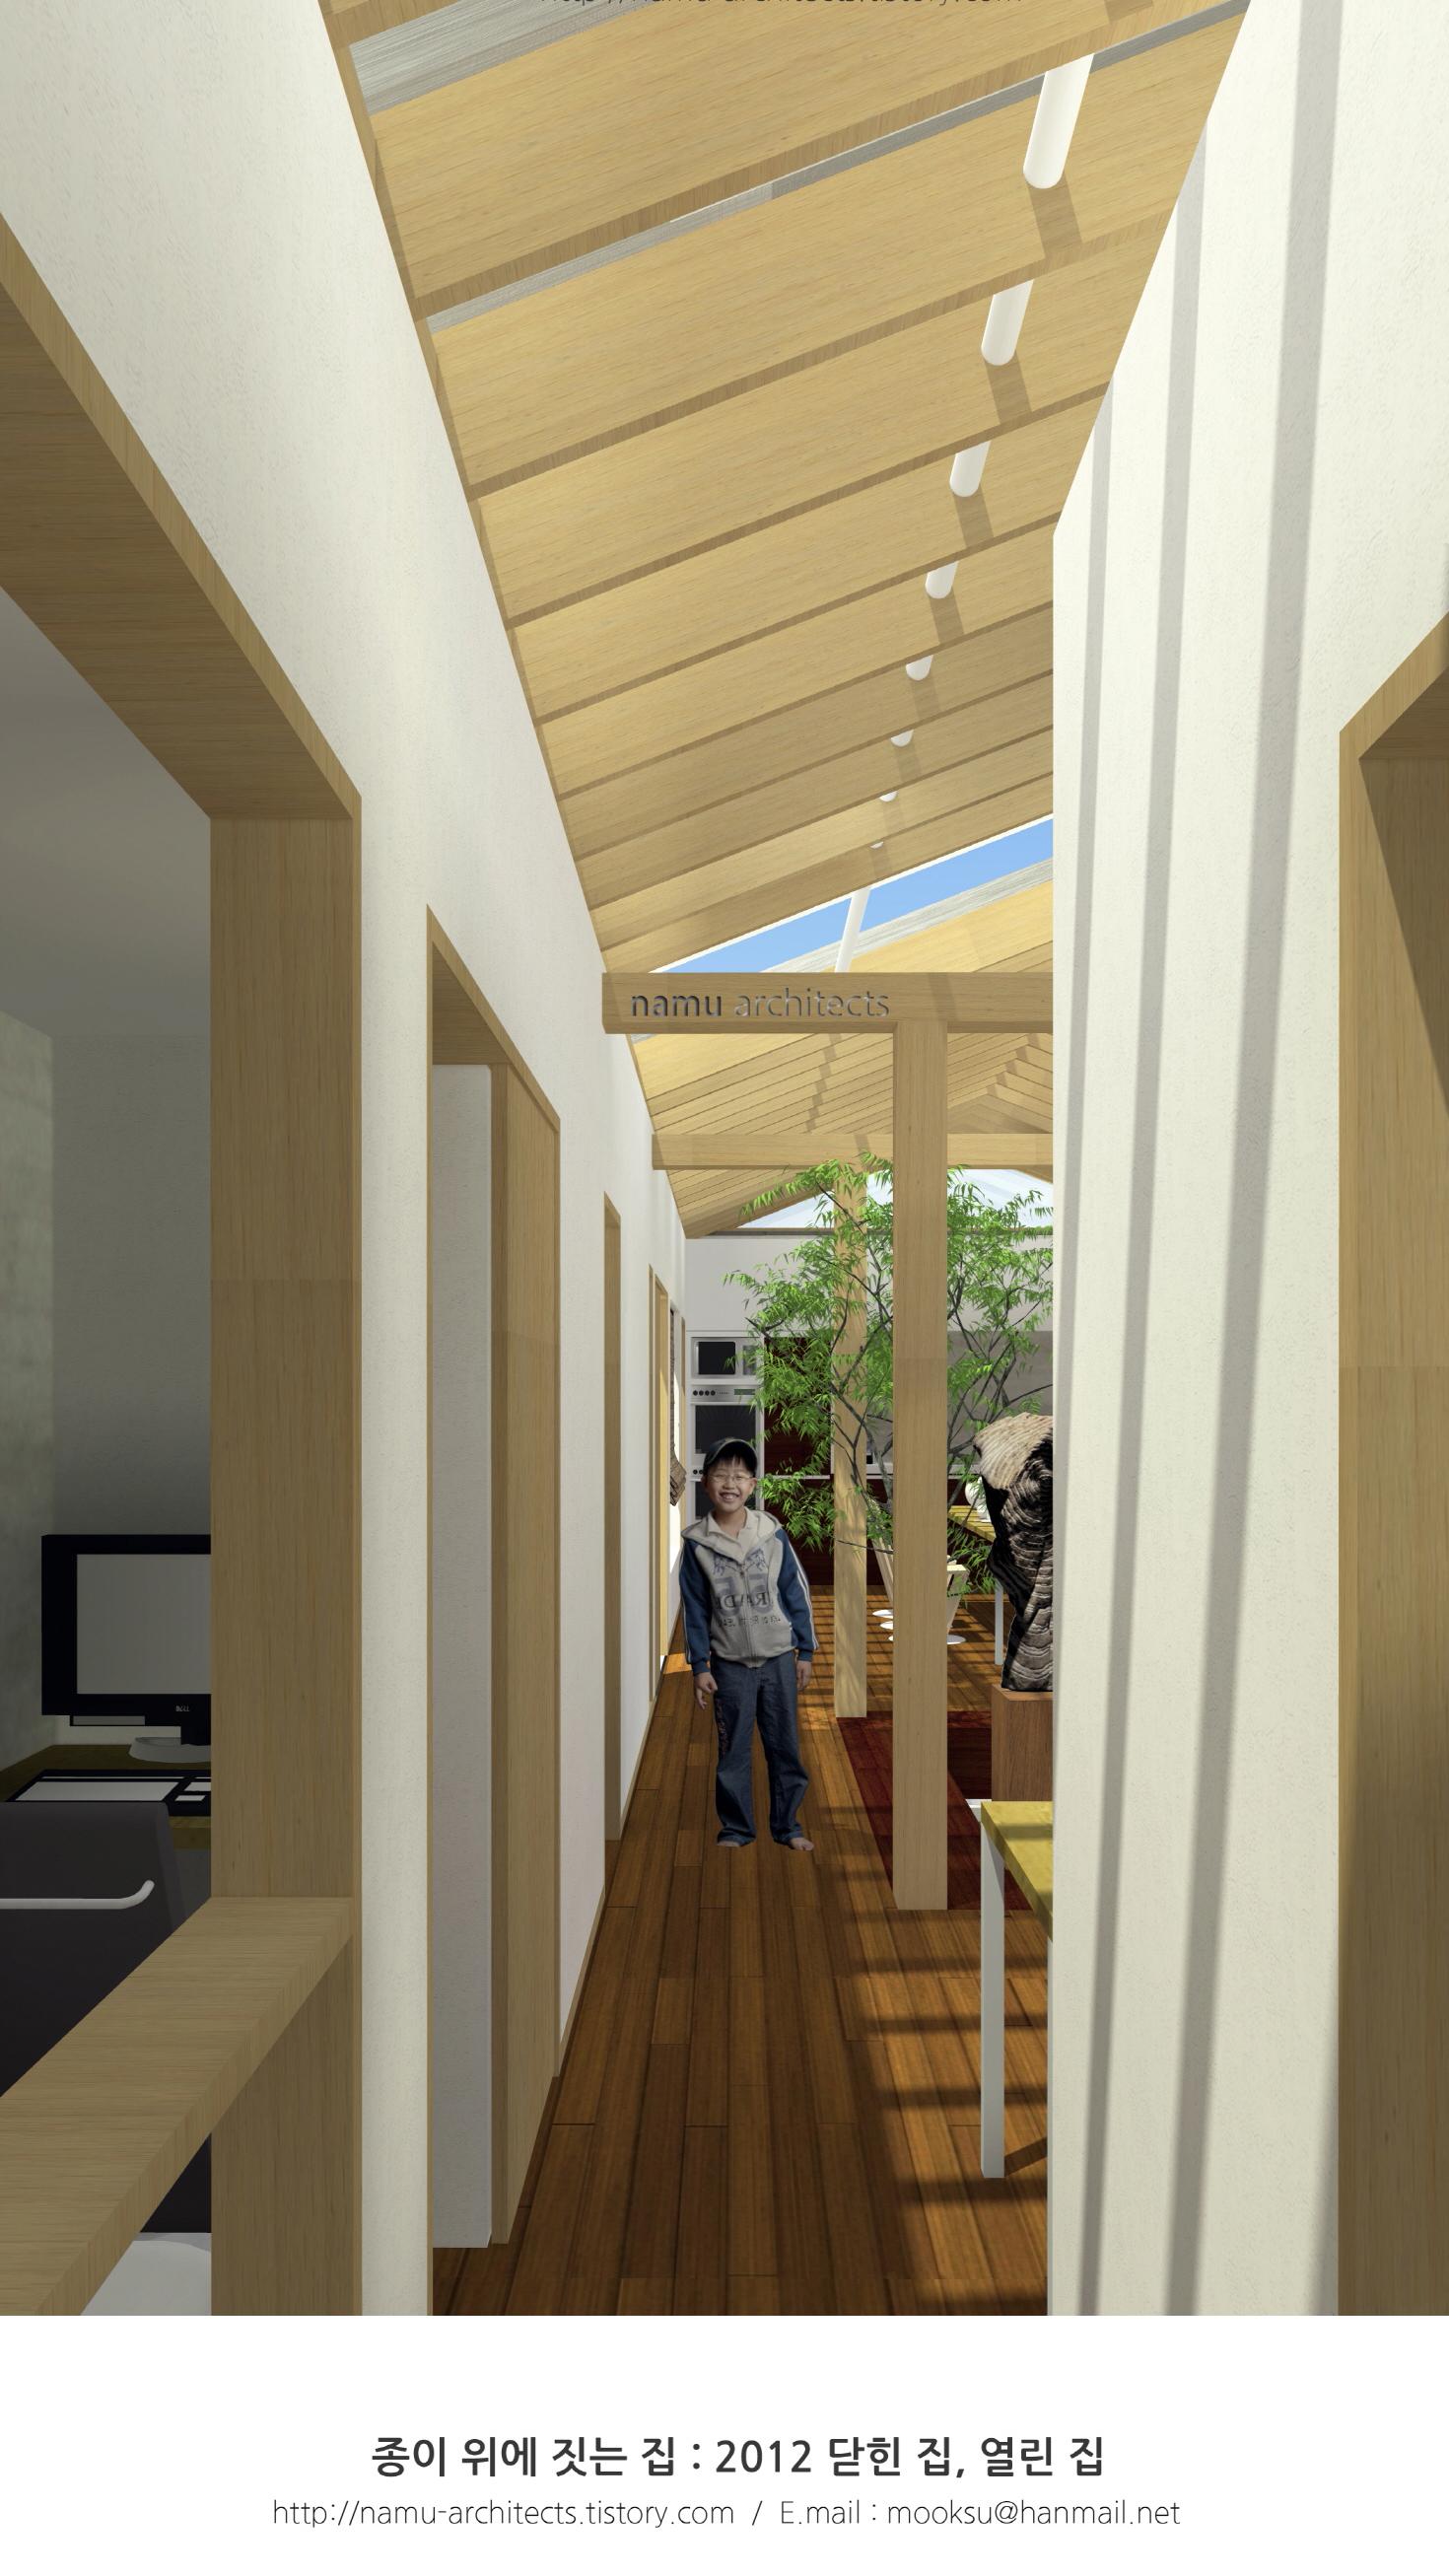 크기변환3_2012-2 닫힌집-열린집-3.jpg